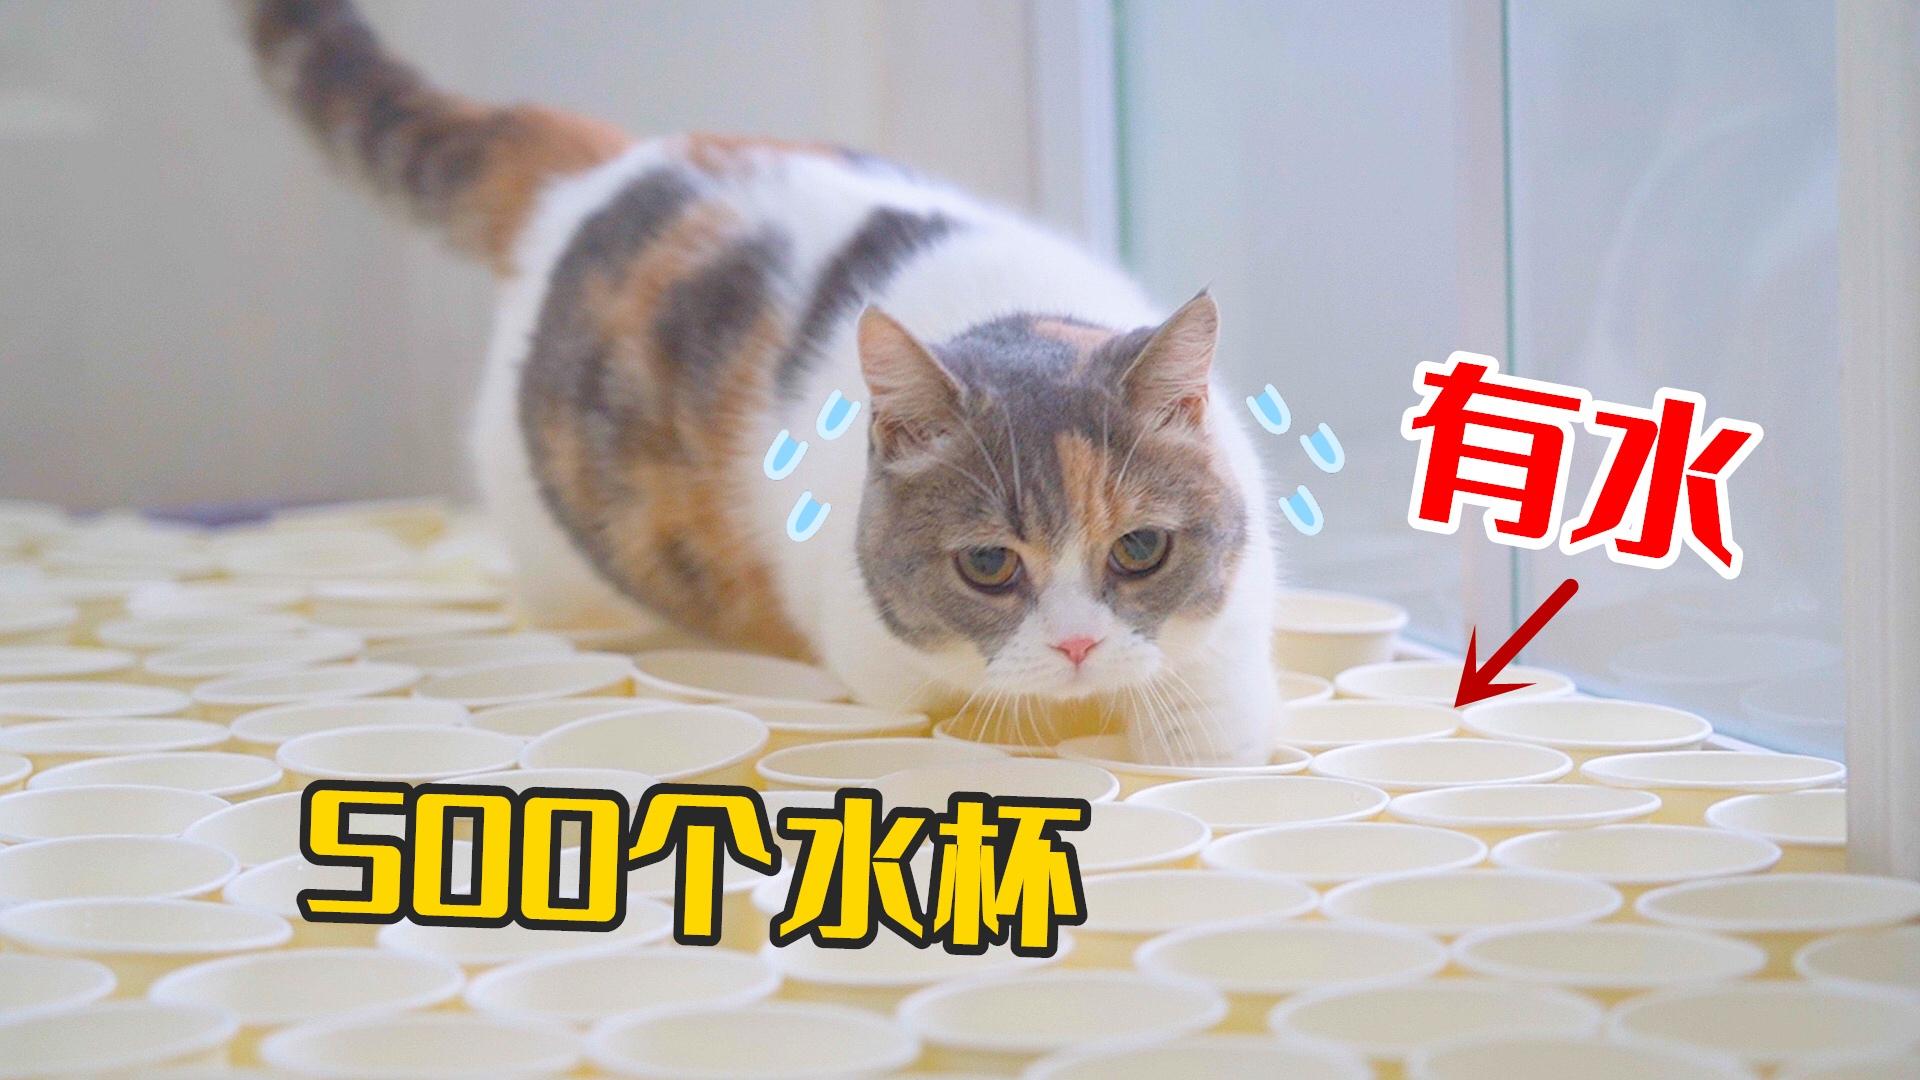 500个杯子堵住猫咪去路,猫会怎么做?猫:杯里有水!